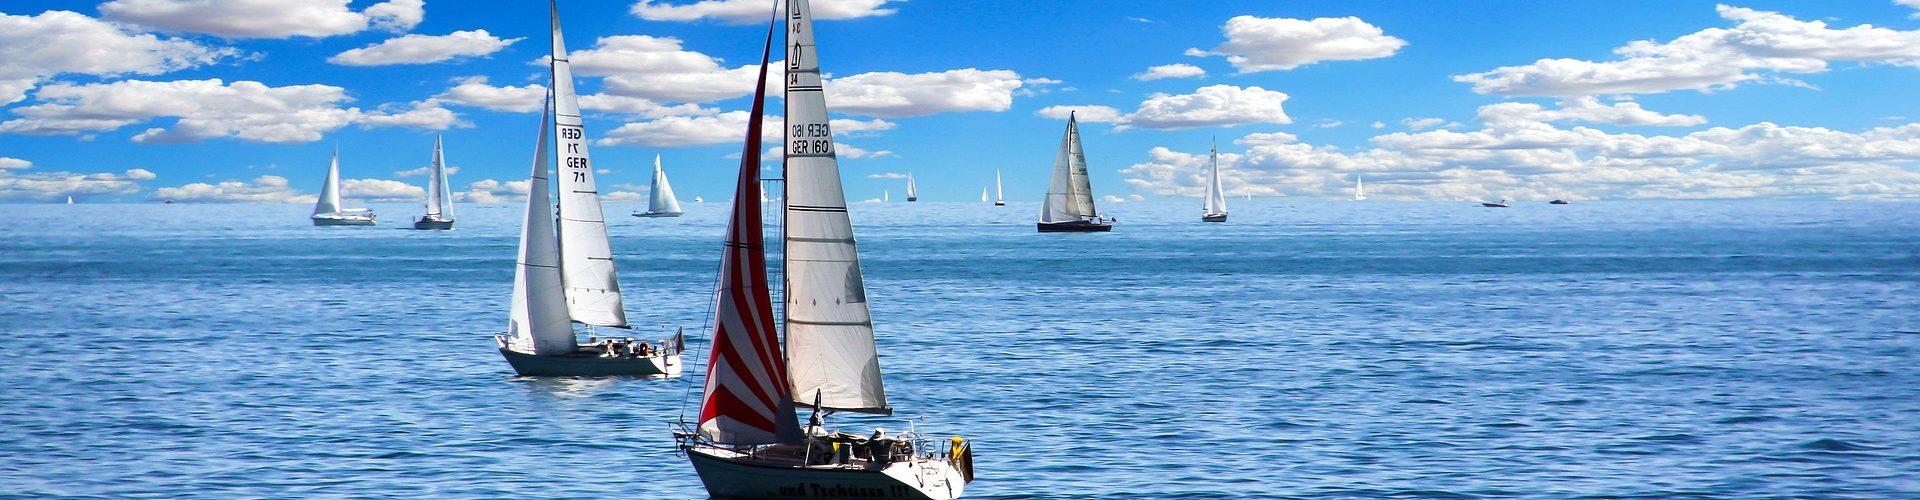 segeln lernen in Kreuztal segelschein machen in Kreuztal 1920x500 - Segeln lernen in Kreuztal